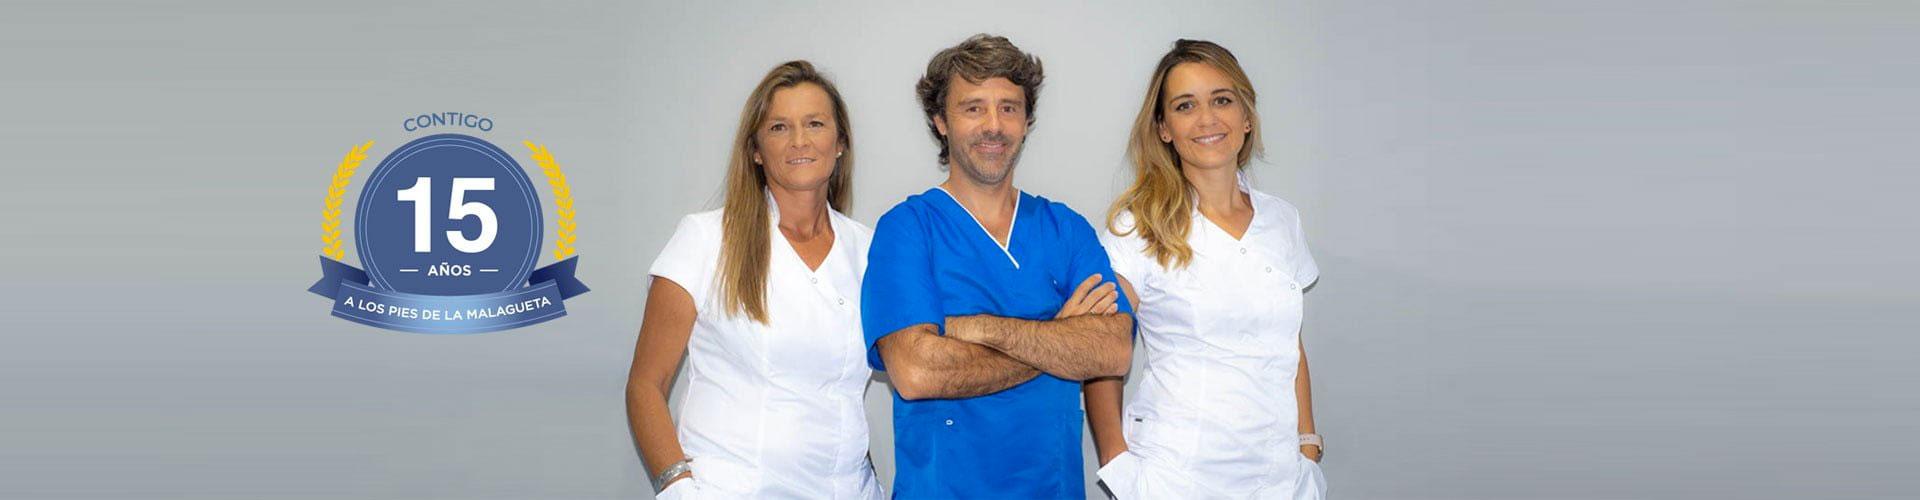 podologos en malaga